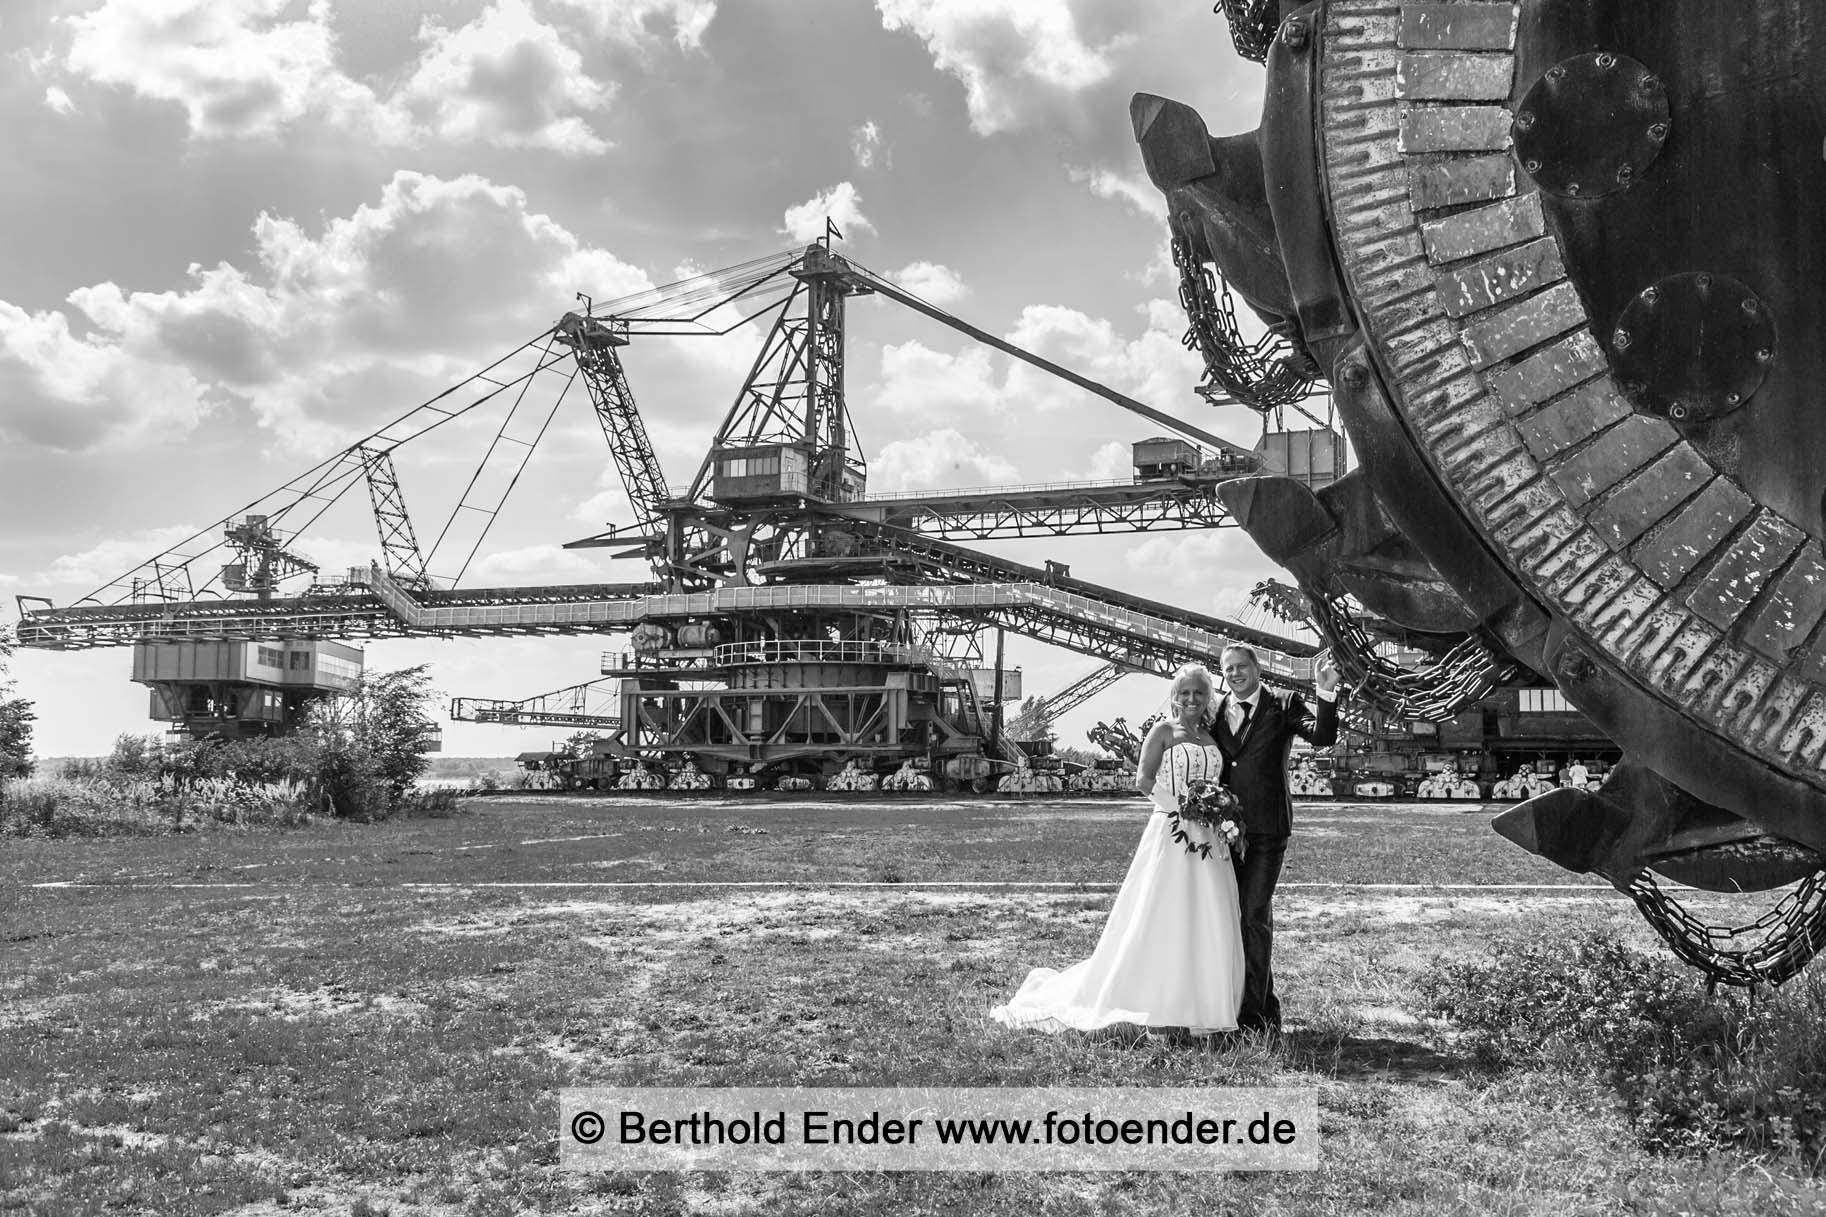 Hochzeitsfotos in Ferropolis, der Stadt aus Eisen -Fotostudio Ender, Oranienbaum-Wörlit